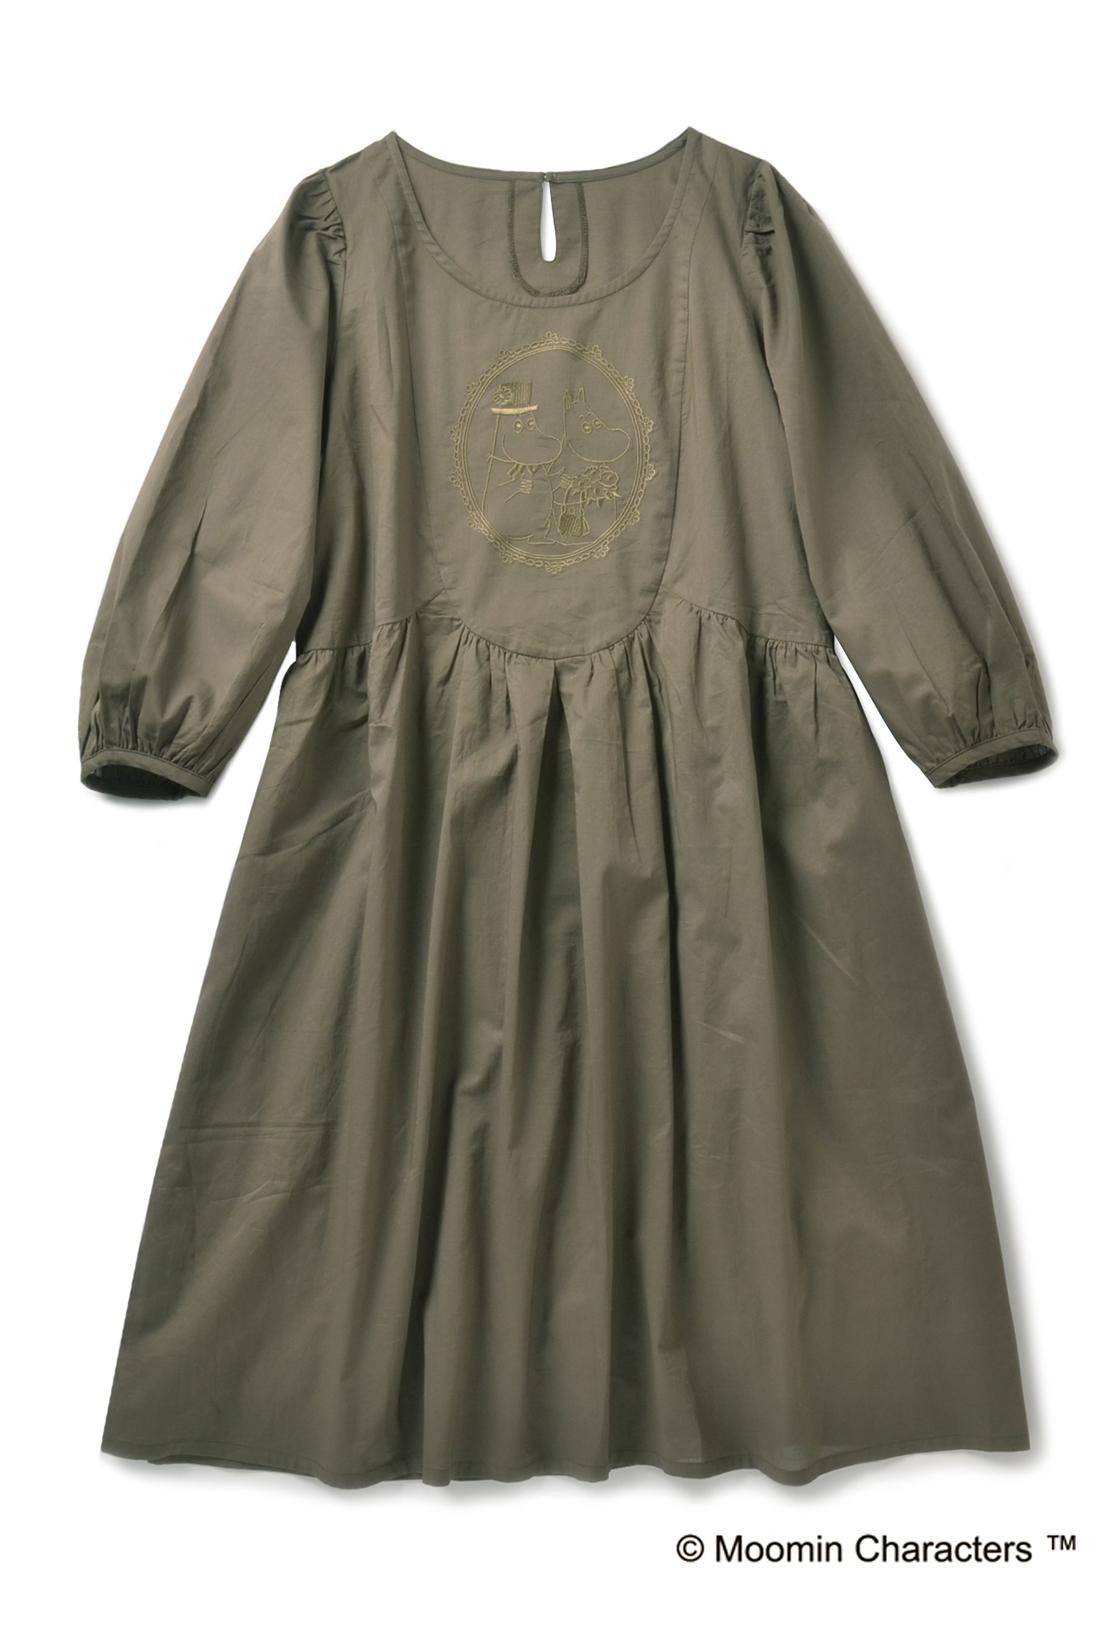 ふんわりパススリーブの七分袖だから重ね着もOK。スカート部分は裏地付き。